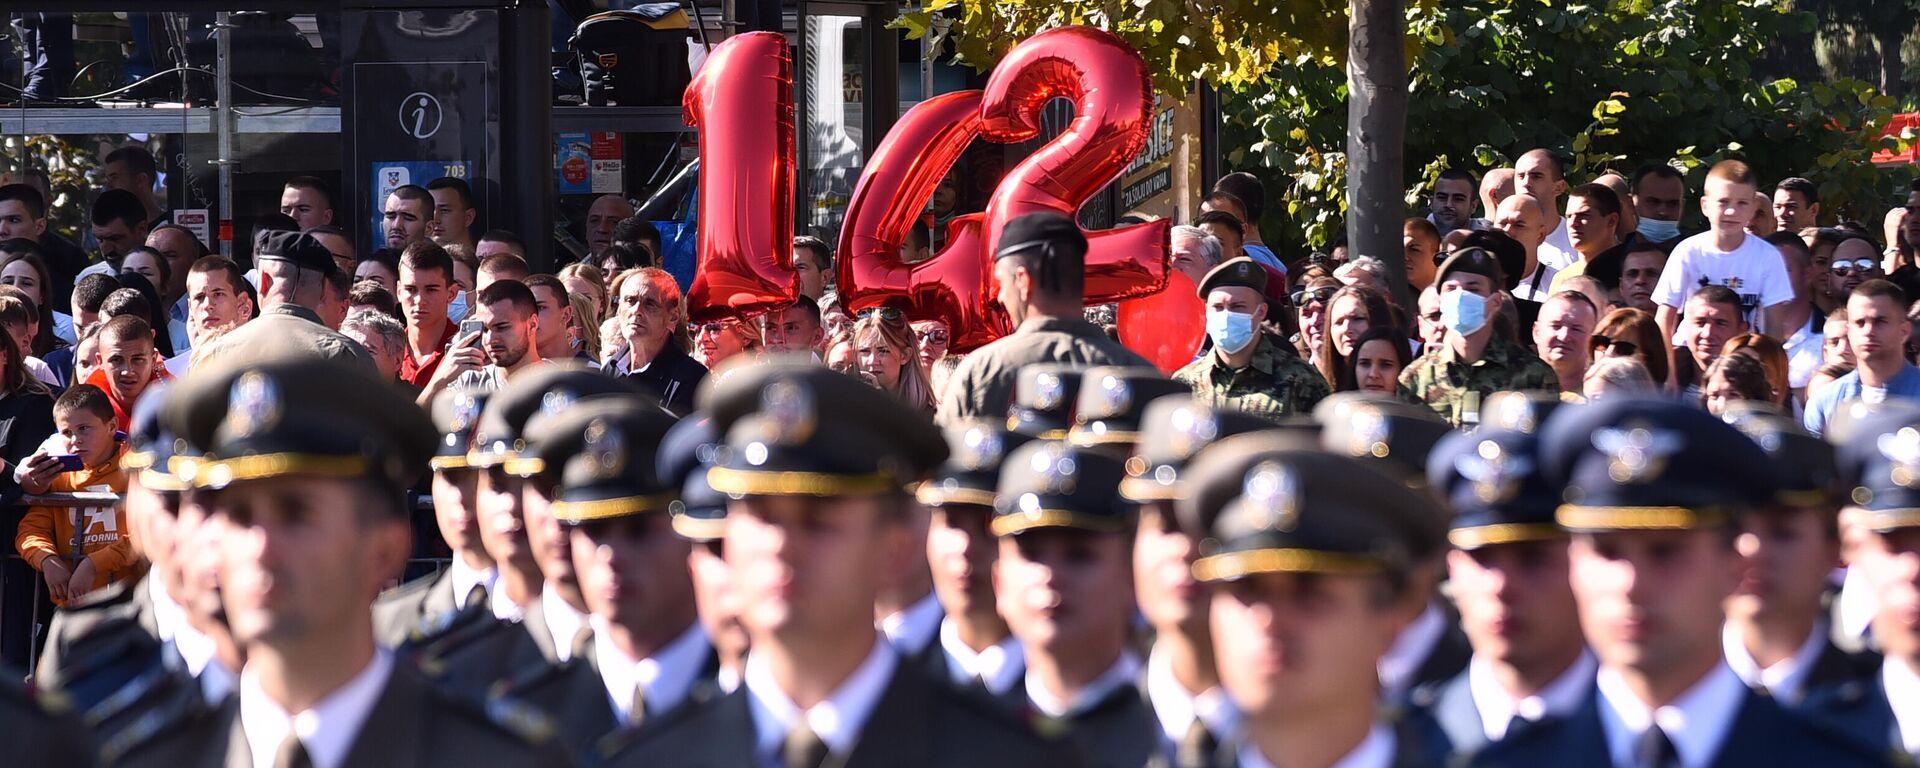 Промоција младих официра испред Скупштине Србије - Sputnik Србија, 1920, 11.09.2021